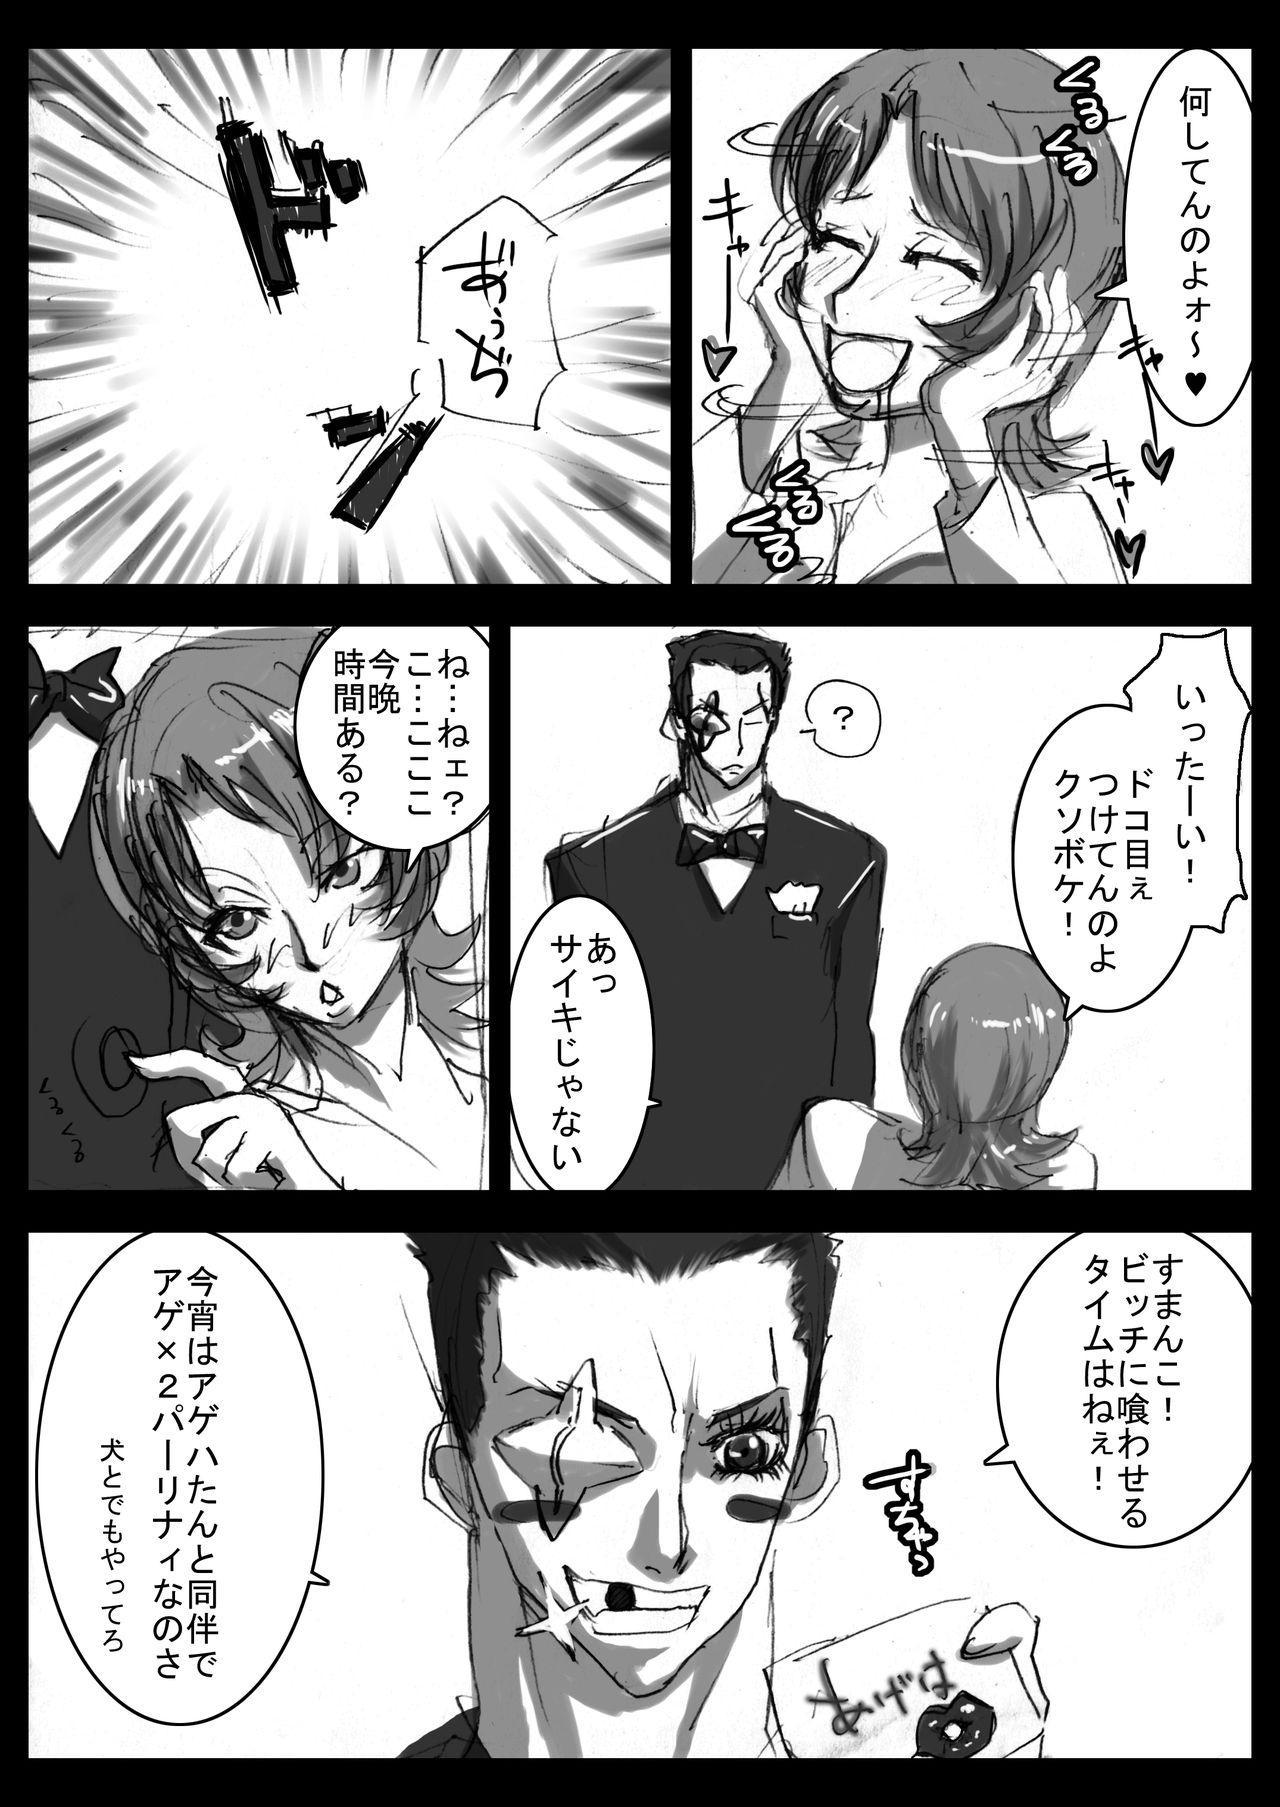 Megane de Bakunyuu no Kanbu o Himitsu Kaigi de Aheahe 16